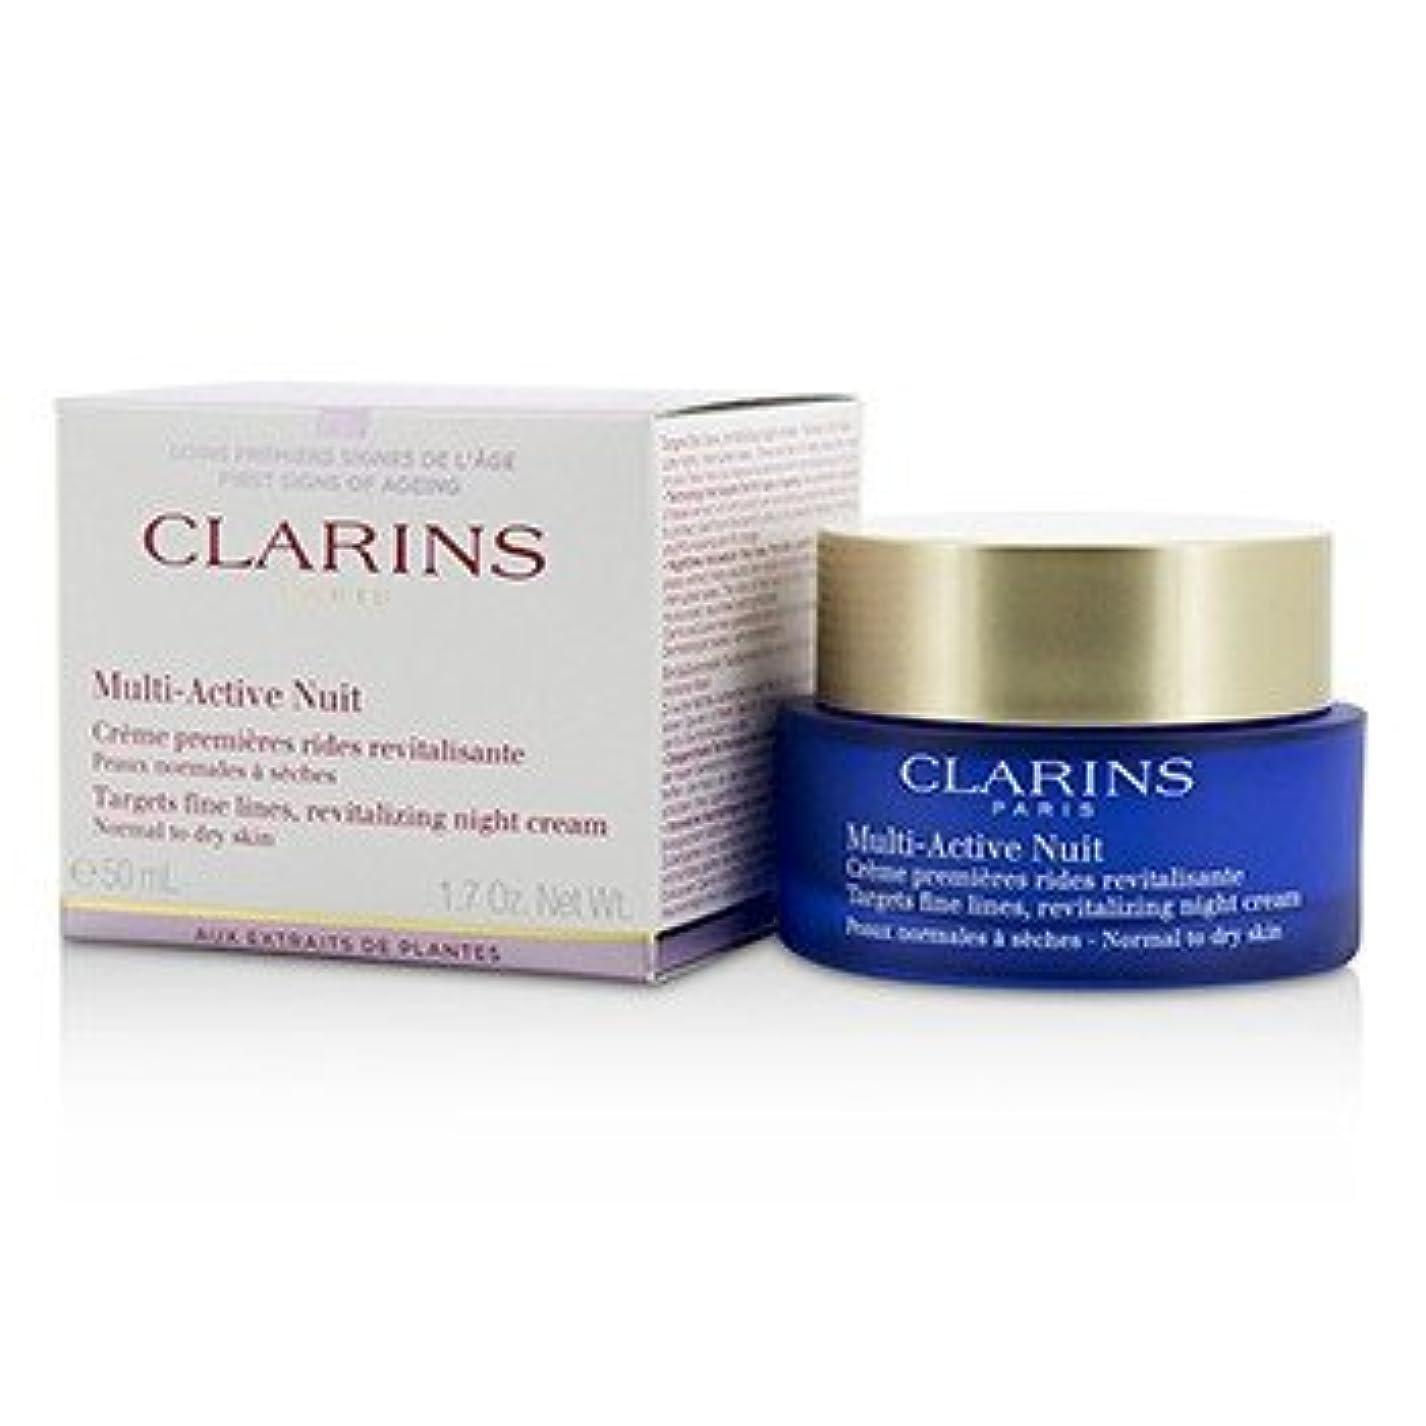 中庭アロング成熟した[Clarins] Multi-Active Night Targets Fine Lines Revitalizing Night Cream - For Normal To Dry Skin 50ml/1.6oz